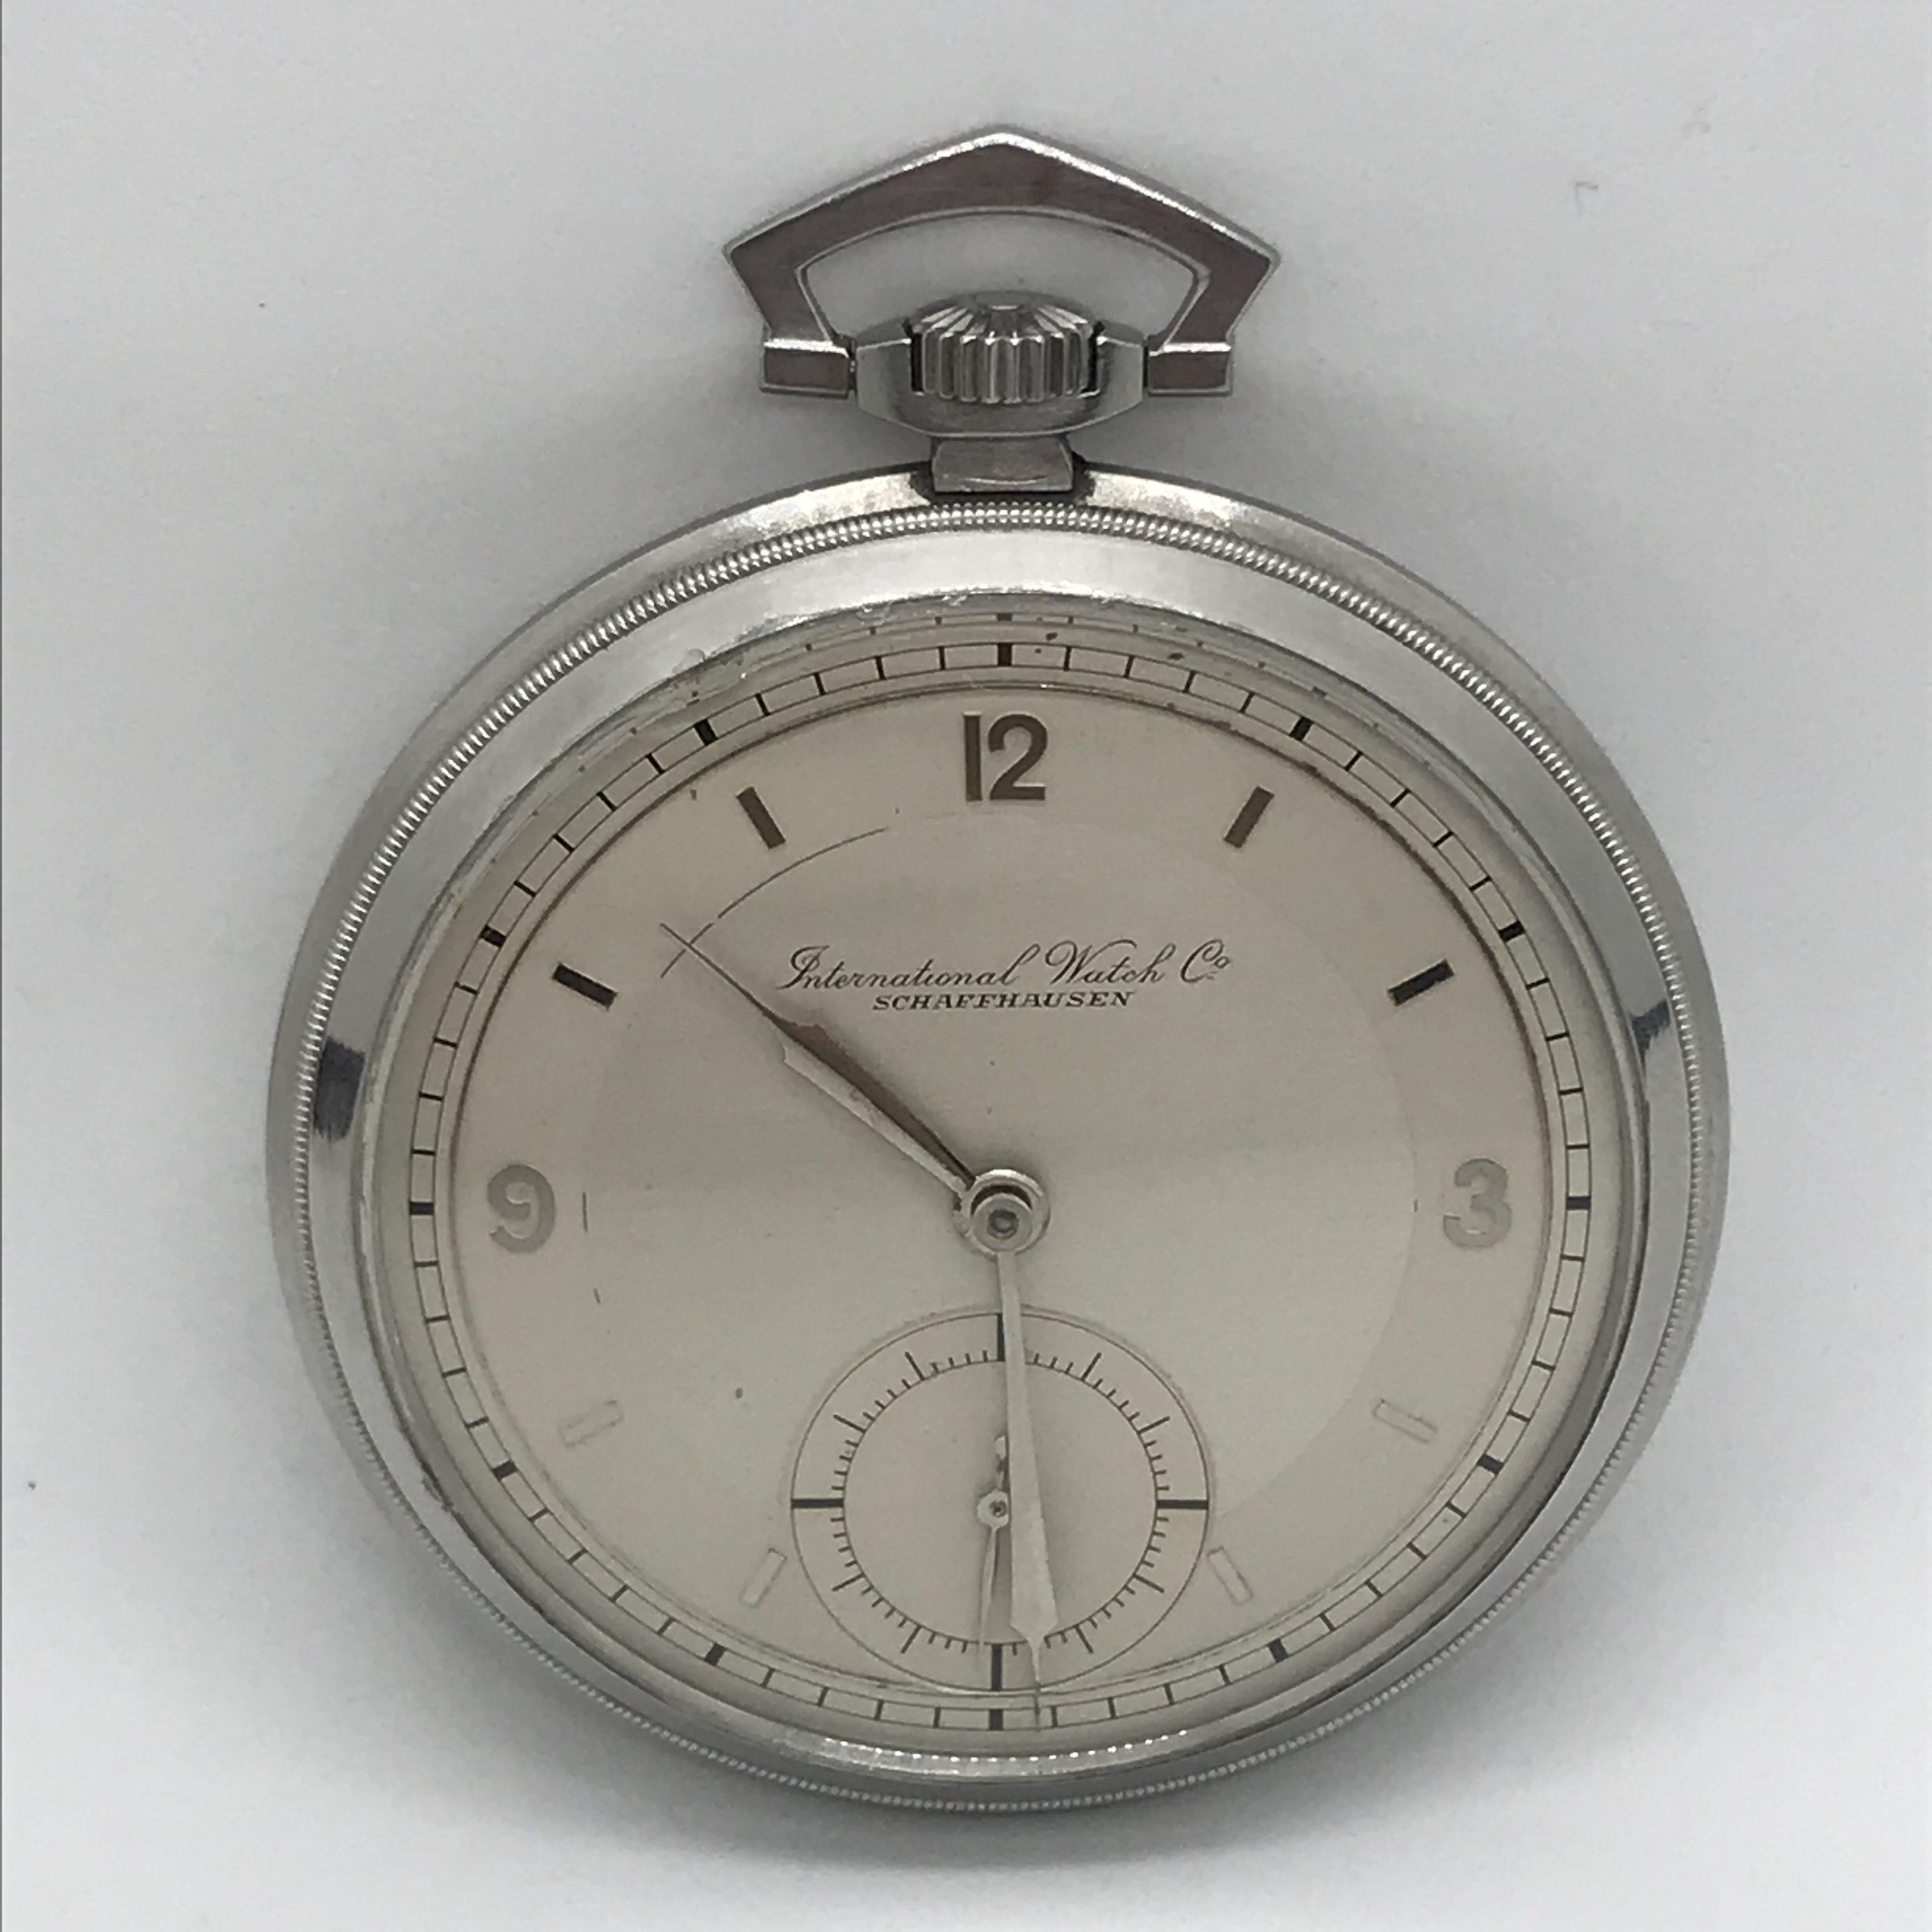 8137c60bbf8 Domů Kapesní hodinky Starožitné 1 plášťové ocelové hodinky IWC. Previous